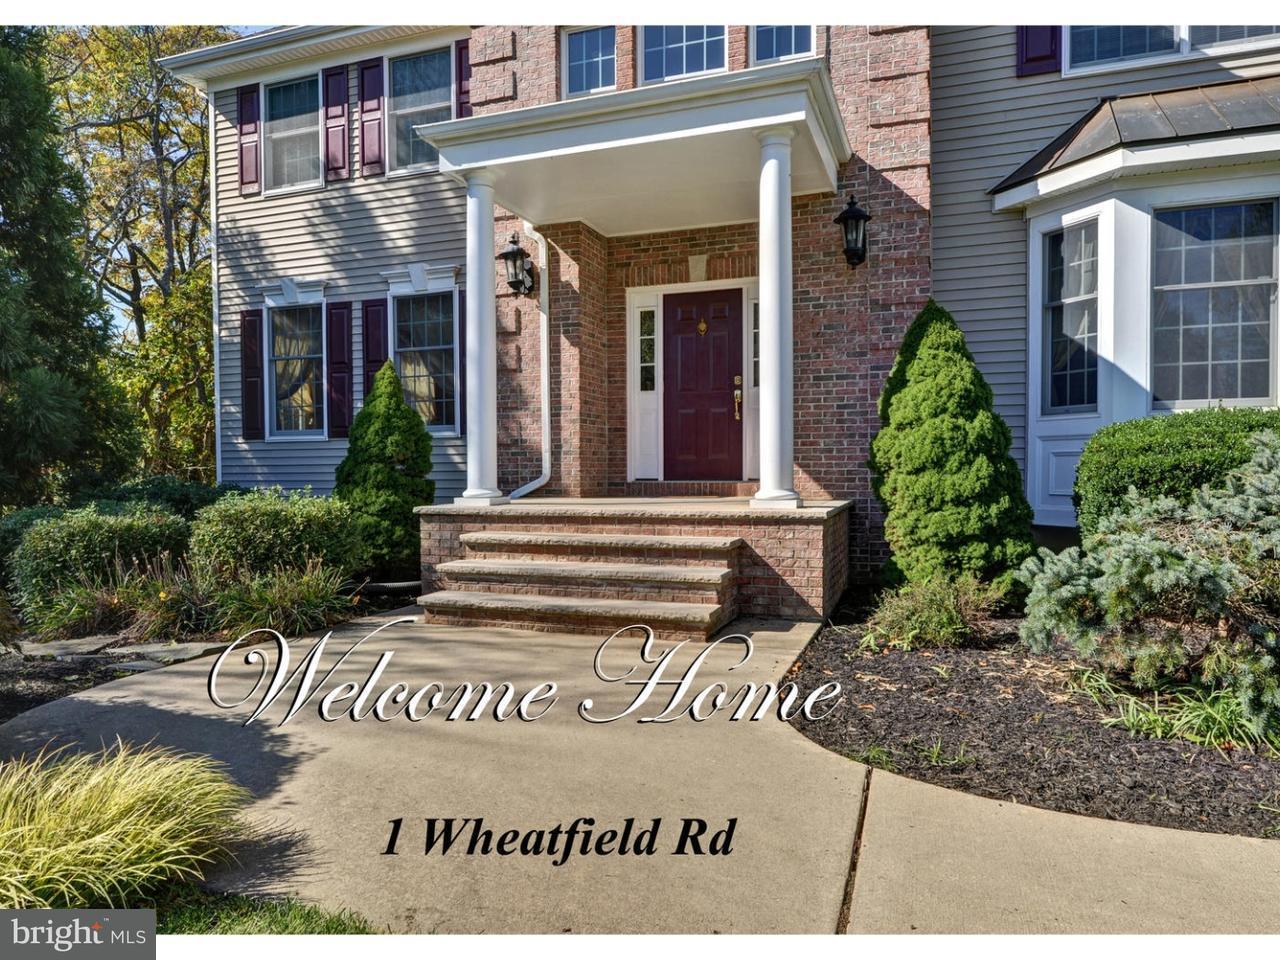 Casa Unifamiliar por un Alquiler en 1 WHEATFIELD RD #1 Cranbury, Nueva Jersey 08512 Estados UnidosEn/Alrededor: Cranbury Township